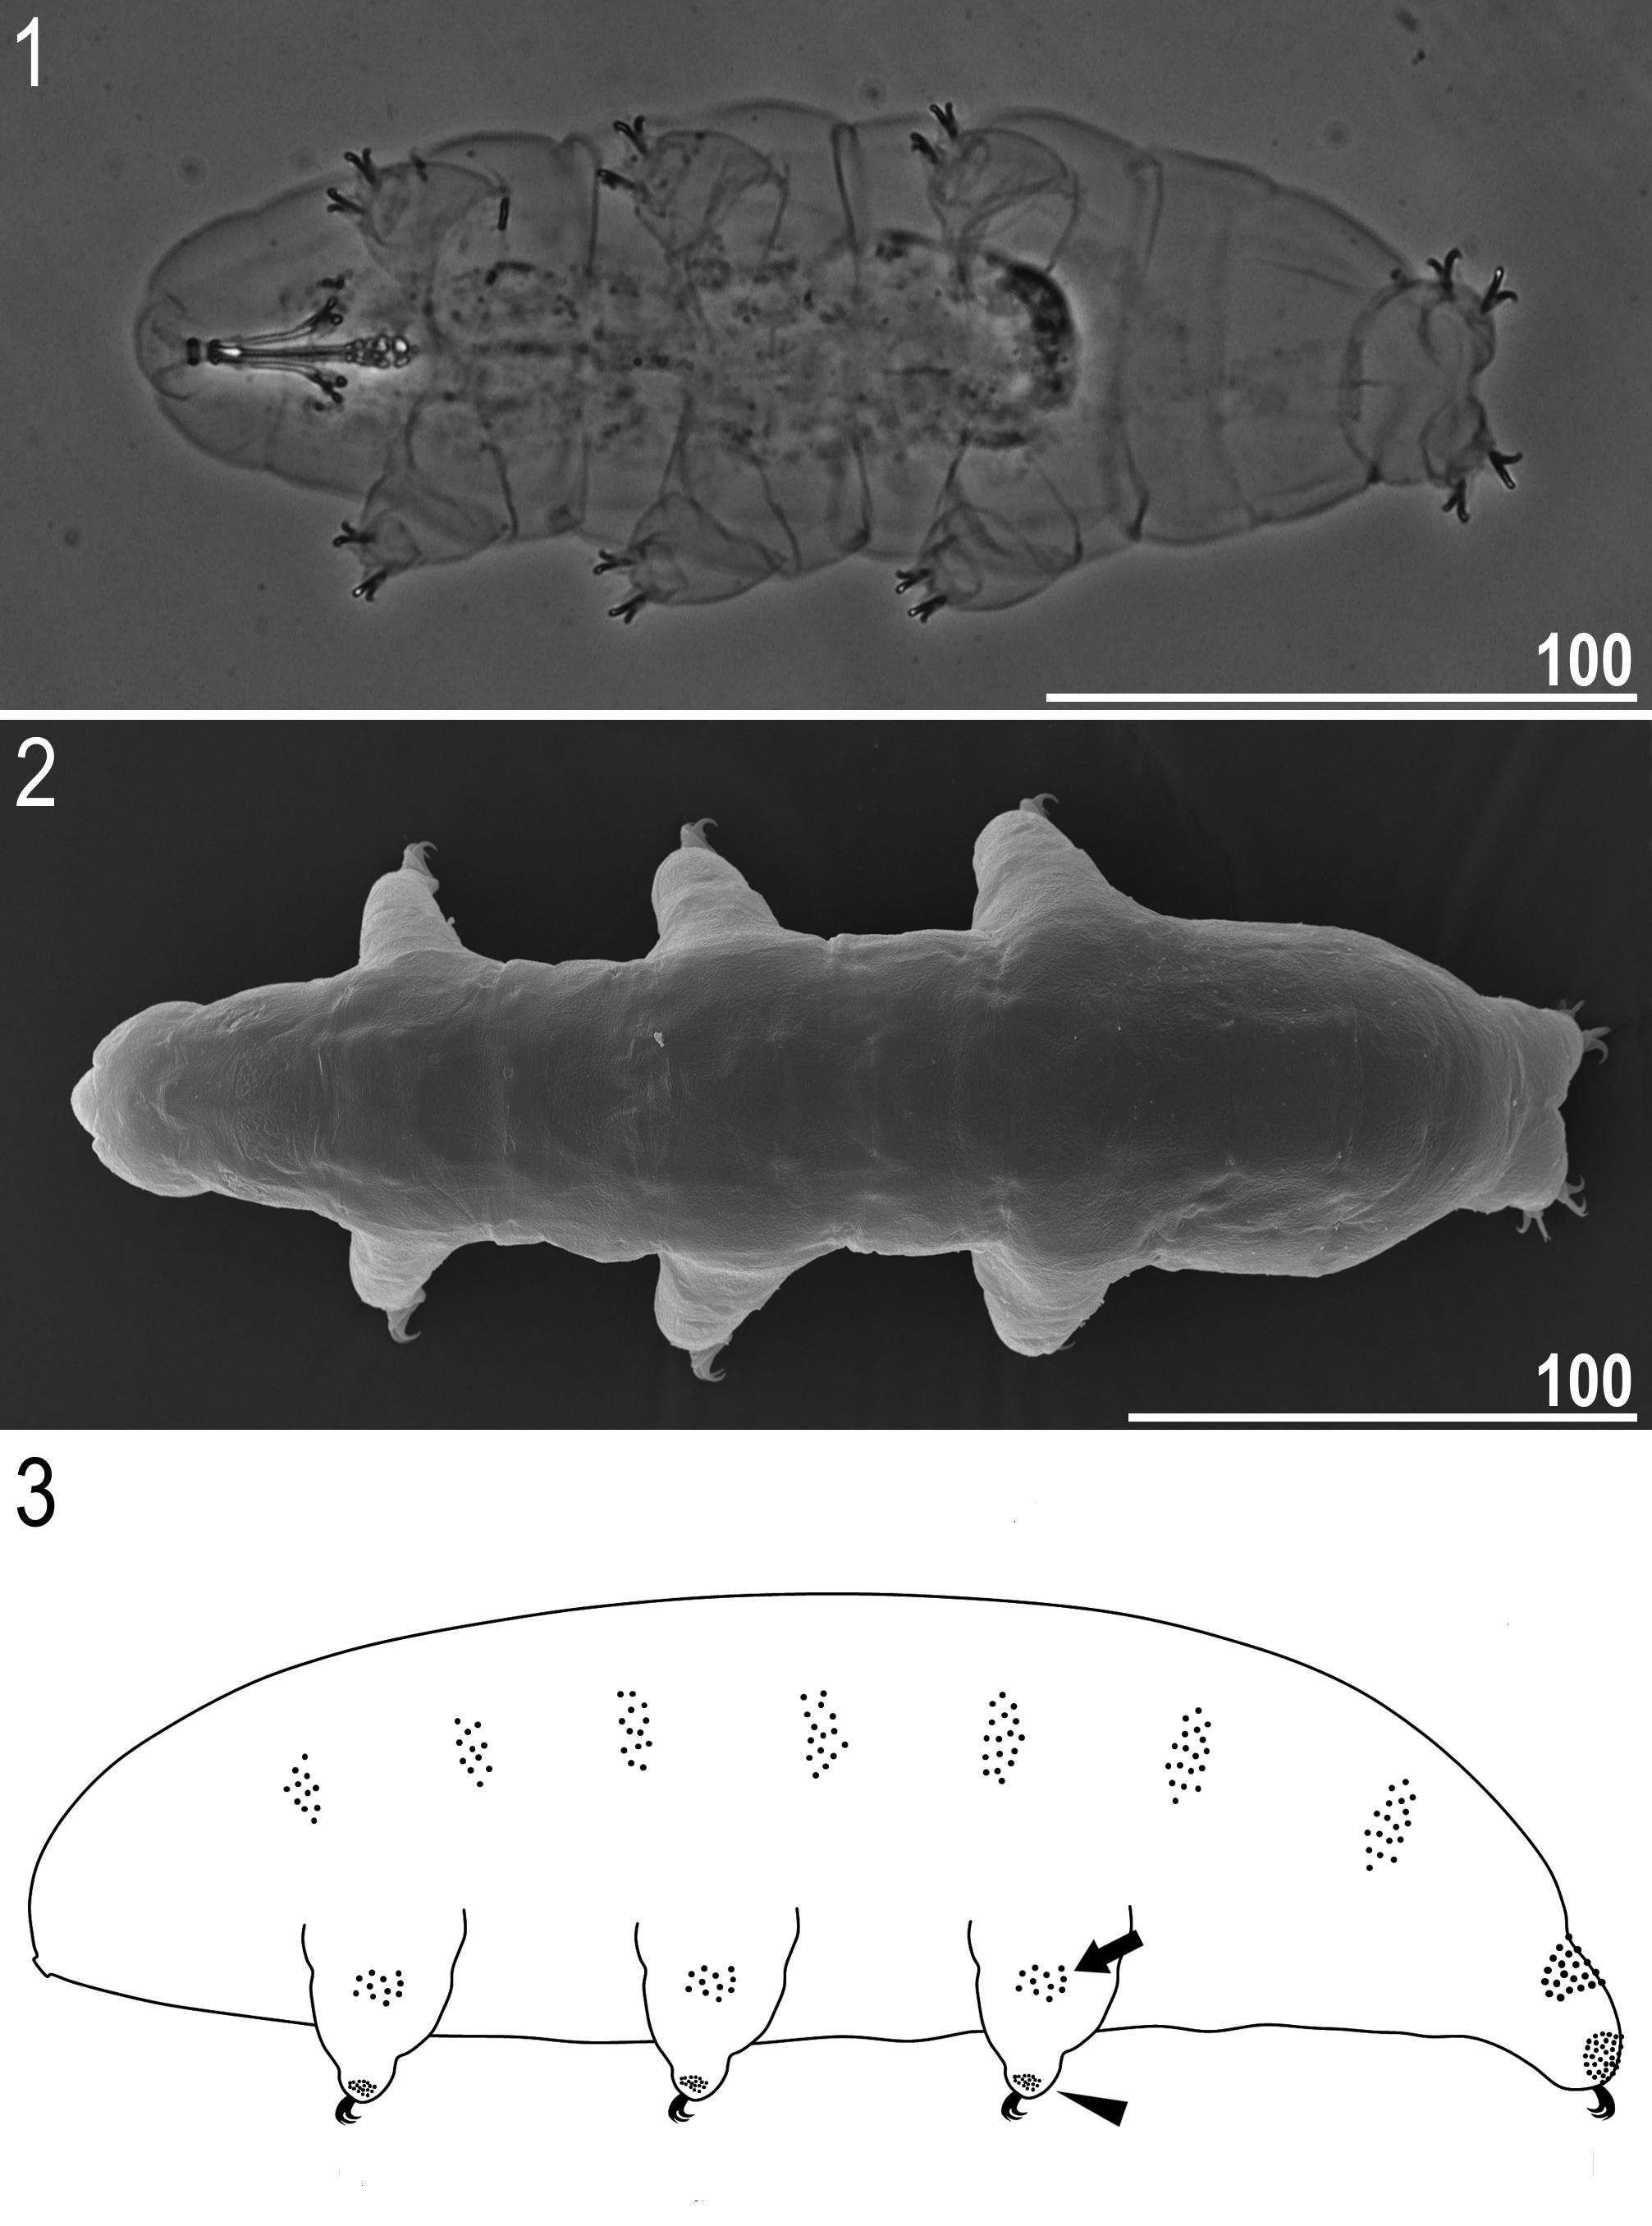 Novopopísaný druh pomalkyMicrobiotuspaulinae(obrázok vľavo->foto pomocou mikroskopu: 1-pohľad z brušnej strany, 2-pohľad z chrbtovej strany; nákres: 3- z bočnej strany,